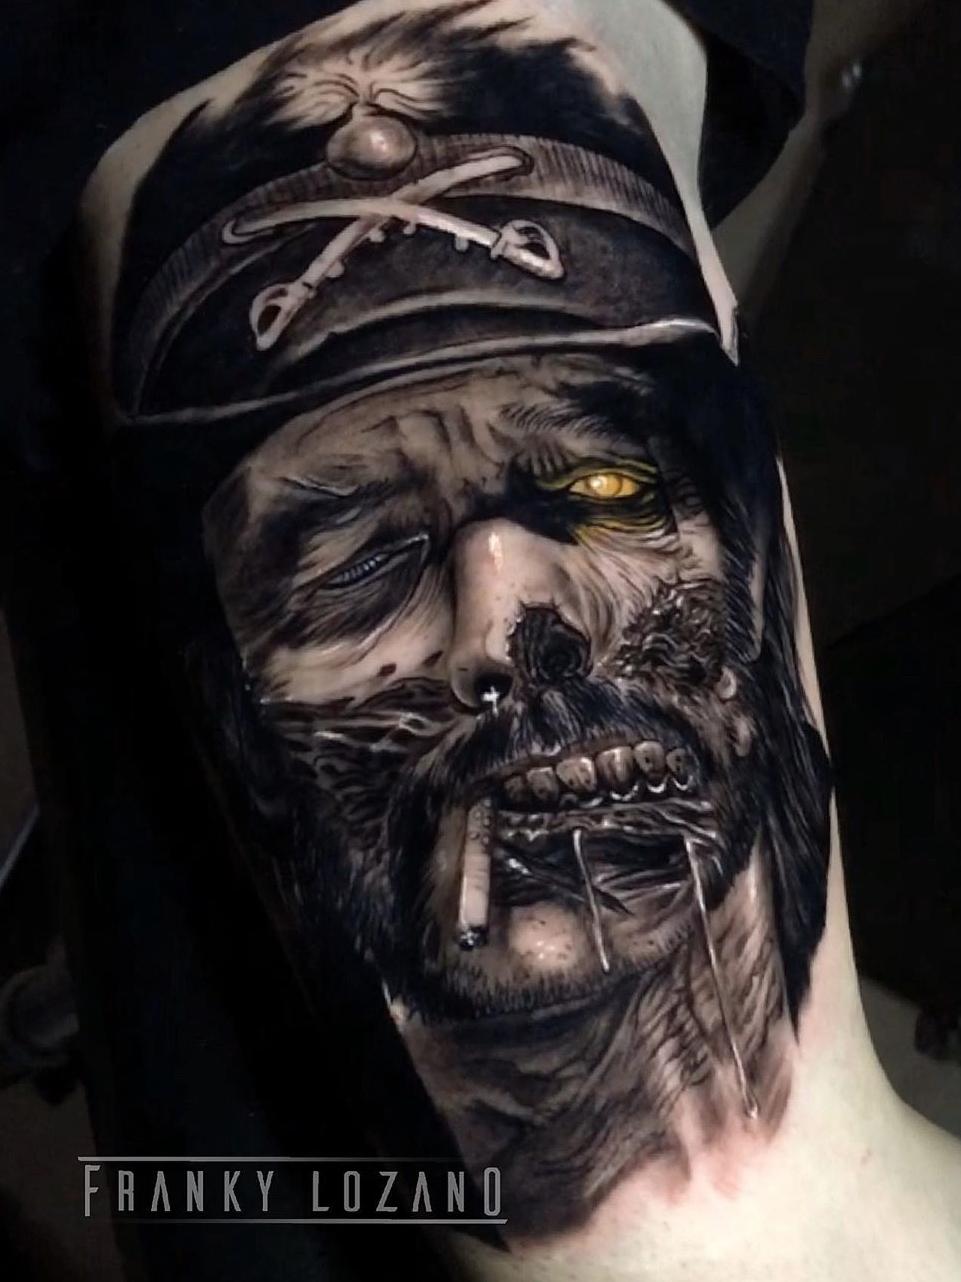 tattoo_franky_lozano_75341356_446530936029321_1642110497254142699_n